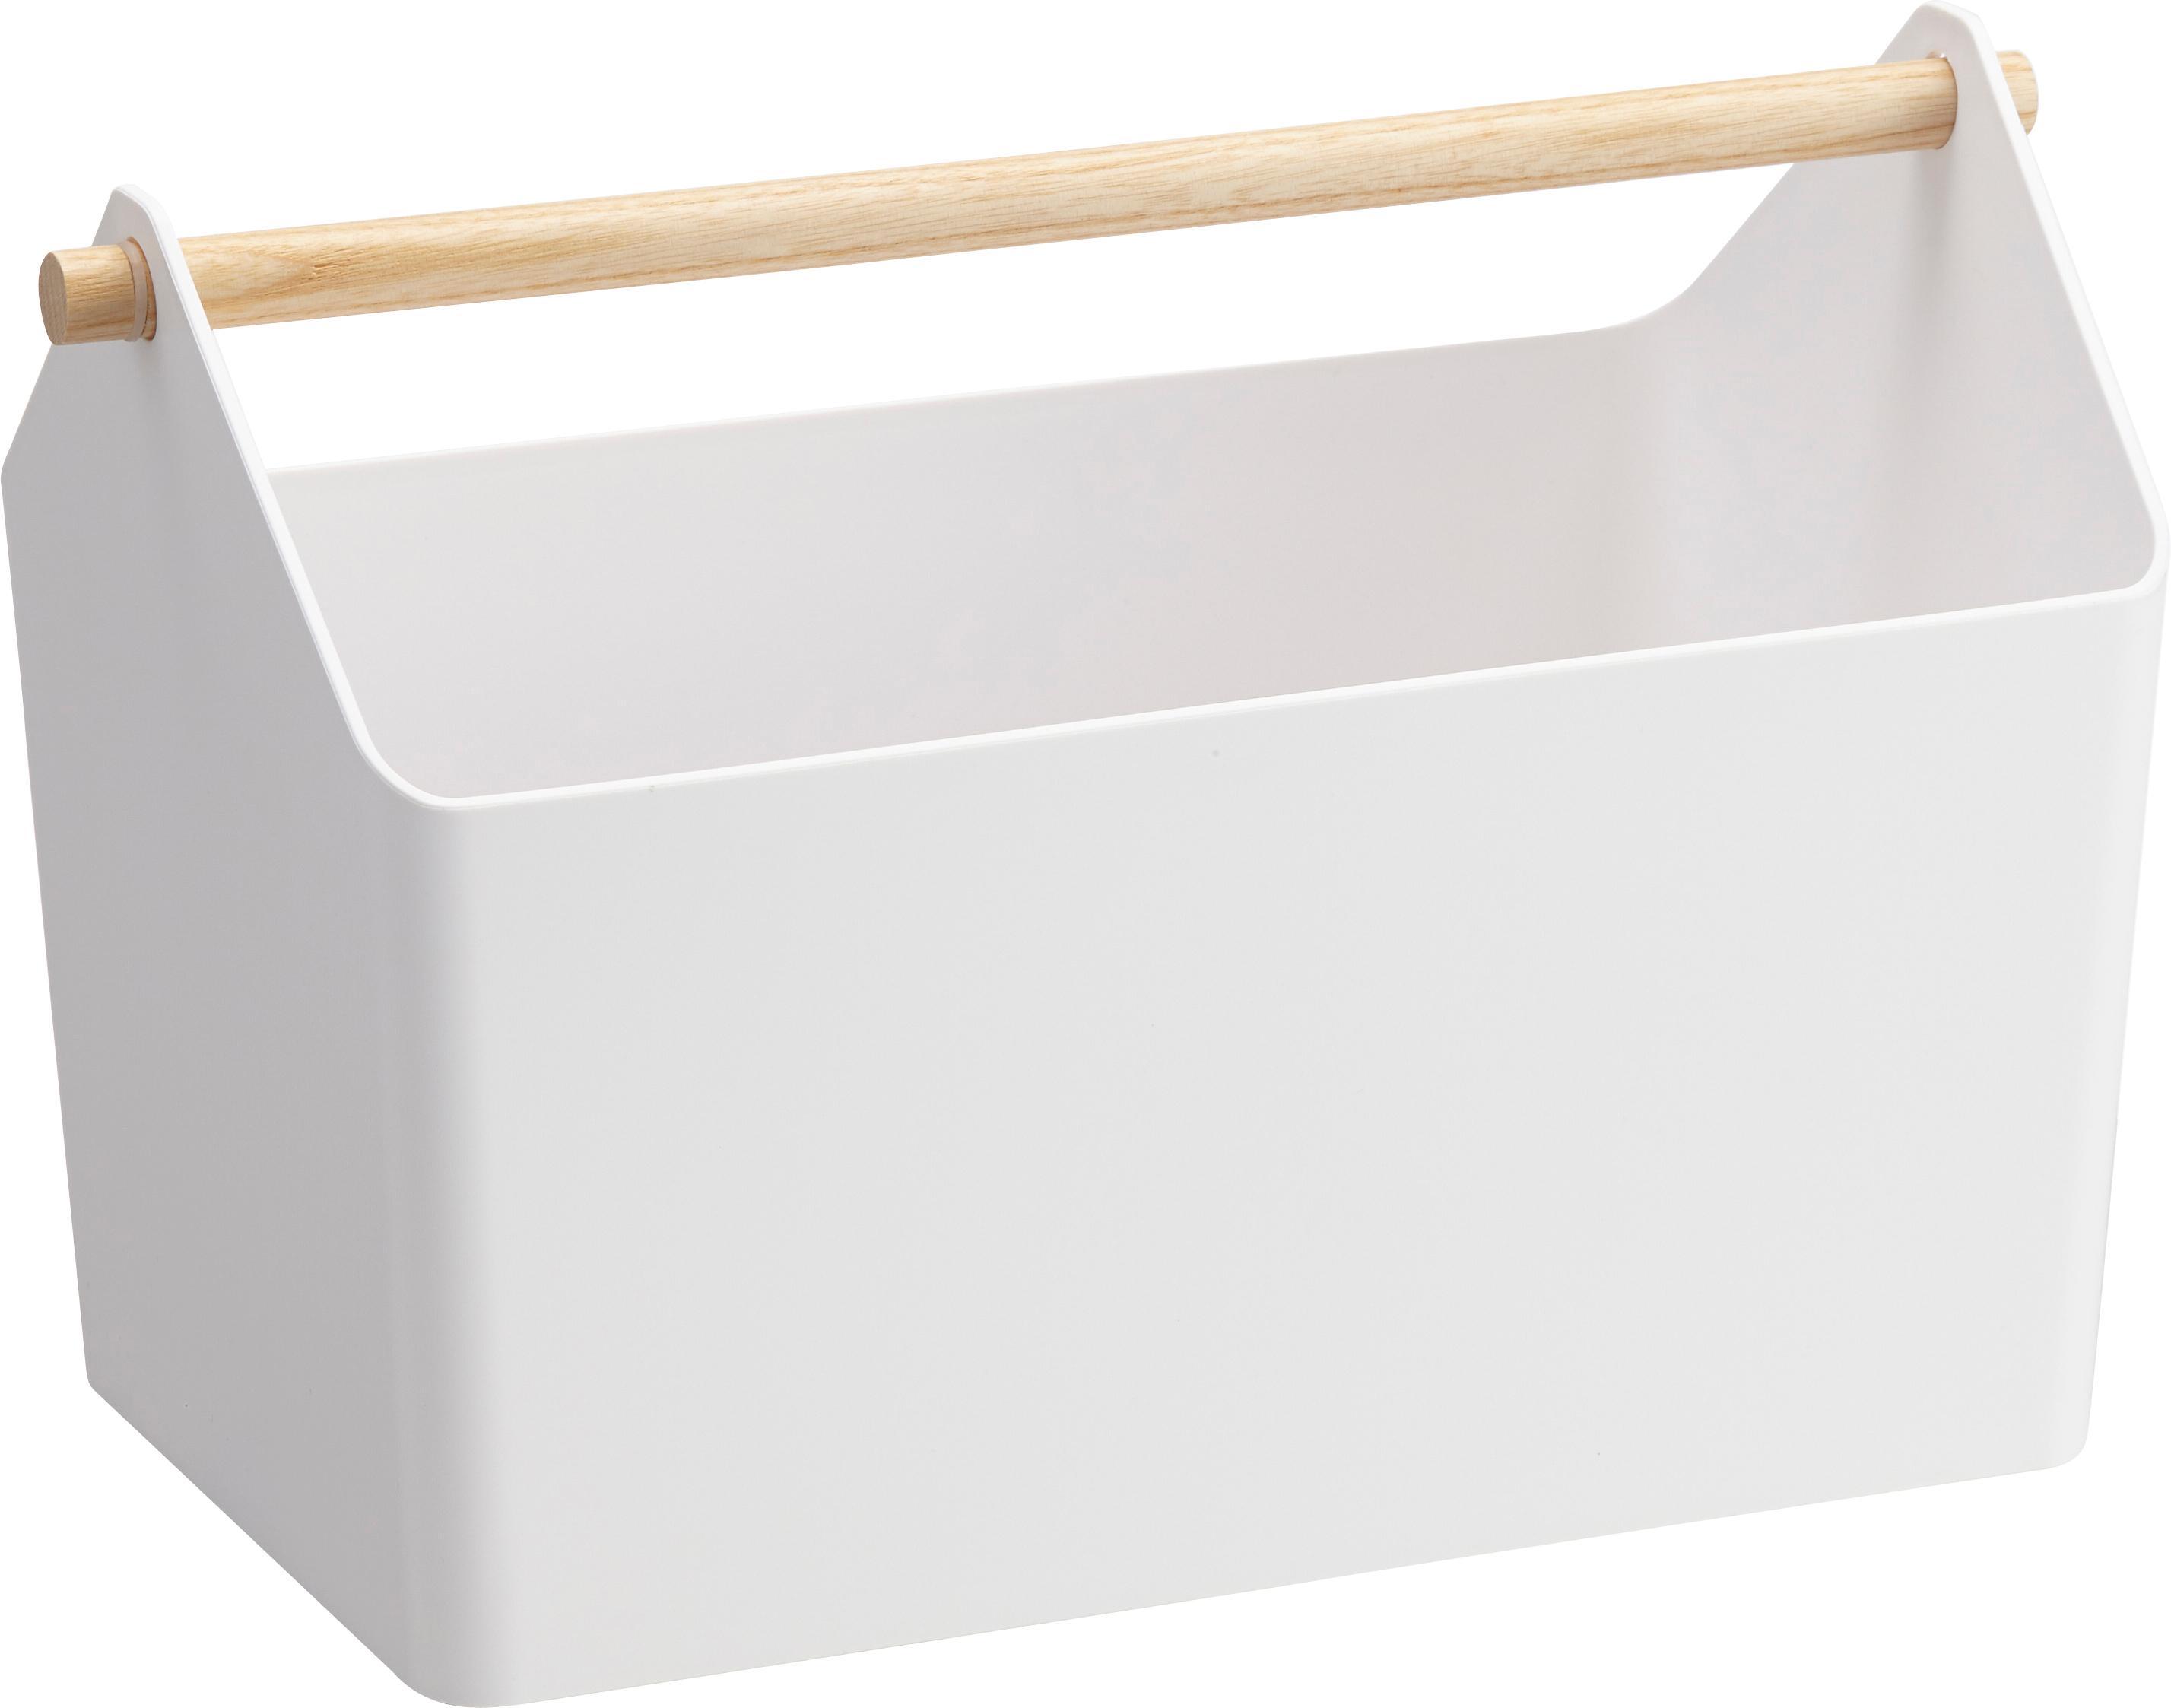 Cesto Favori, Maniglia: legno, Bianco, marrone, Larg. 37 x Alt. 24 cm